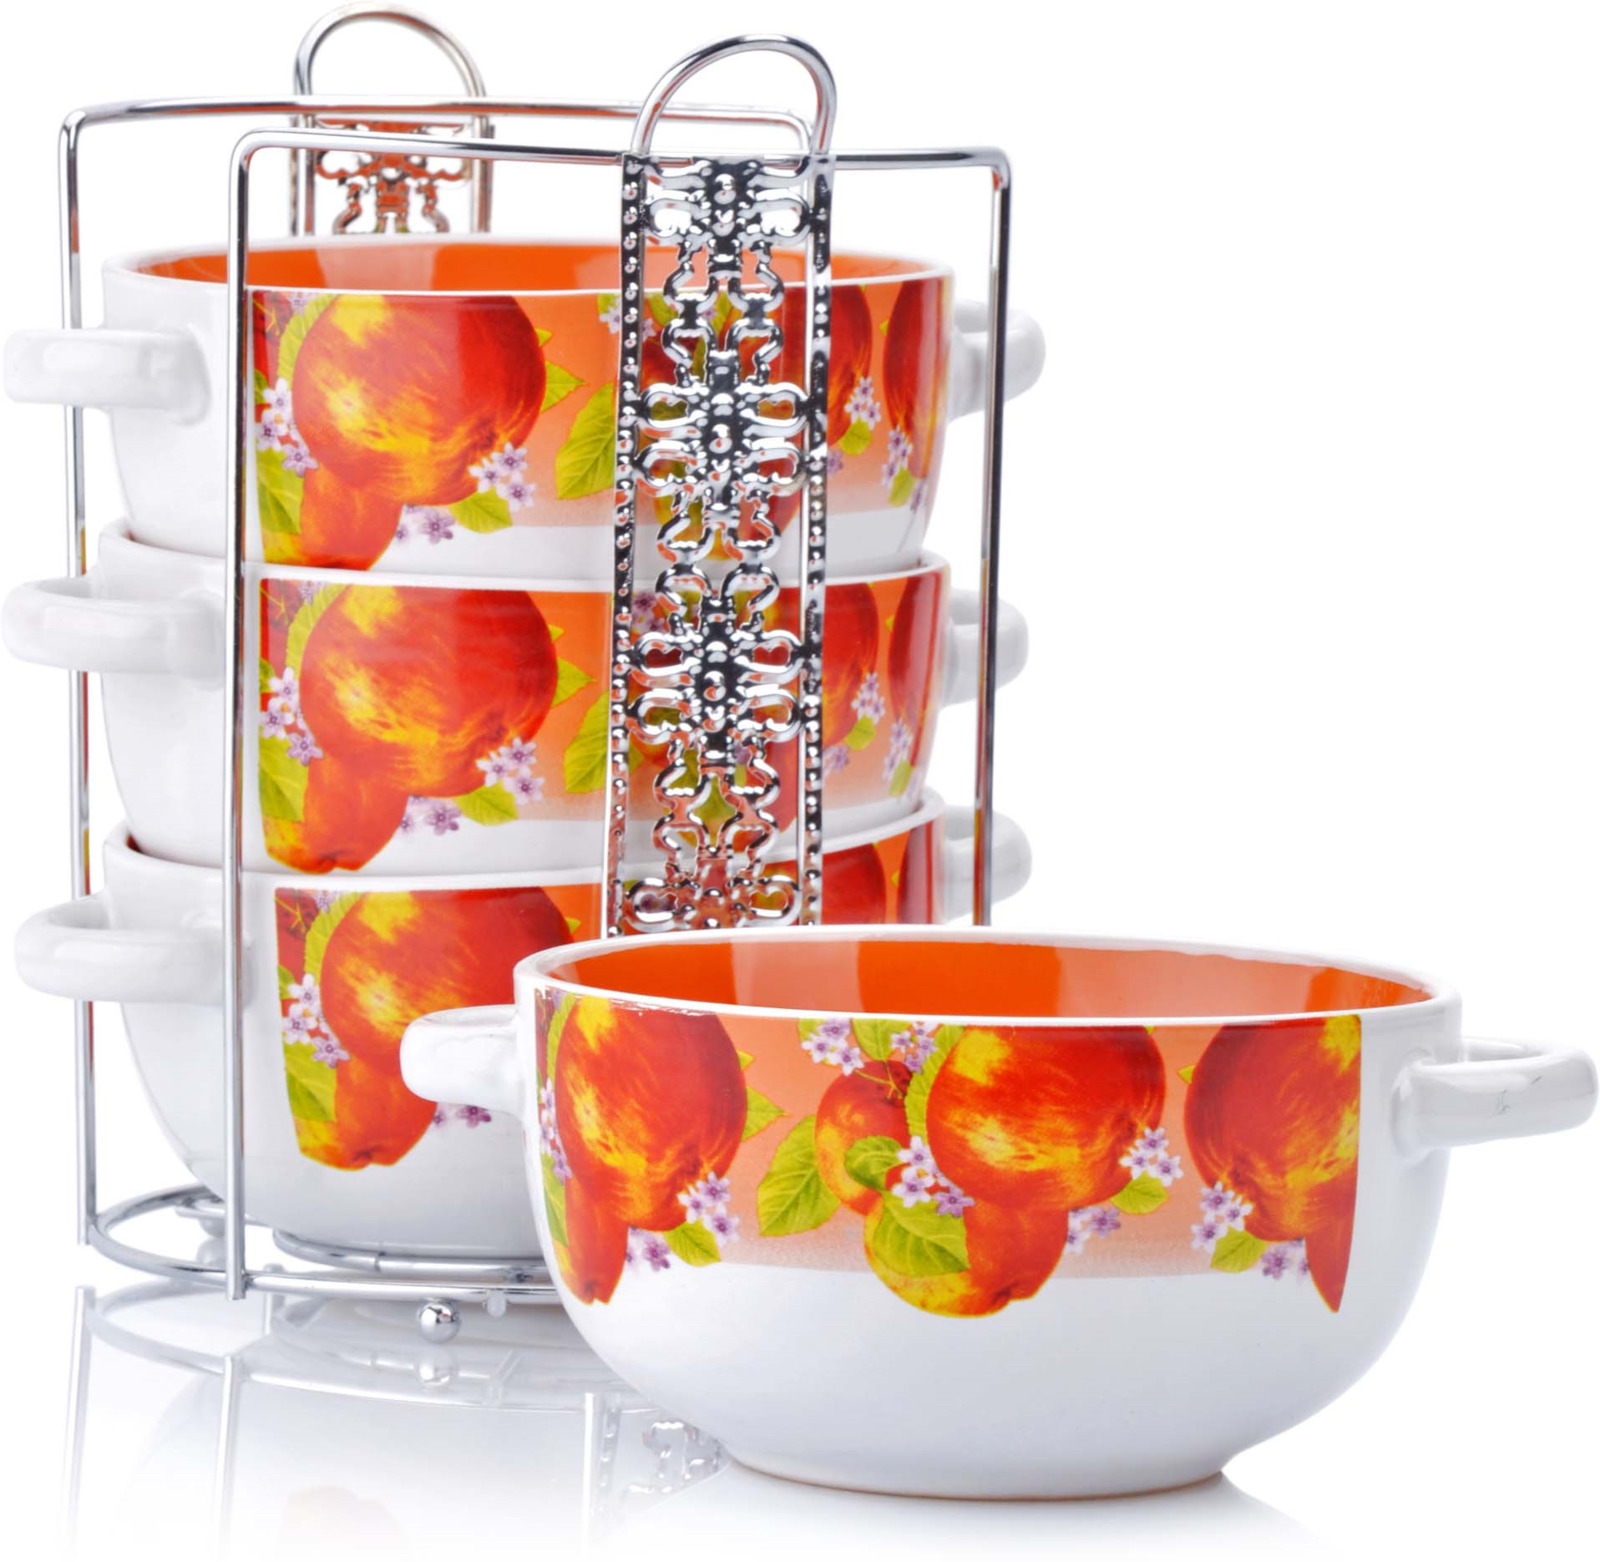 Набор из 4-х супниц Loraine выполнен из высококачественной керамики и украшен декоративным рисунком. Супницы компактно располагаются на оригинальной подставке из нержавеющей стали и не занимают много места при хранении. В керамической посуде блюда сохраняют свои вкусовые качества, кроме того она обладает термической и химической прочностью. Благодаря оригинальному дизайну, такие супницы отлично подойдут как для ежедневного использования, так и для праздничной сервировки стола. Изделия оснащены двумя удобными ручками. В наборе: 4 супницы, 1 подставка. Подходит для мытья в посудомоечной машине.